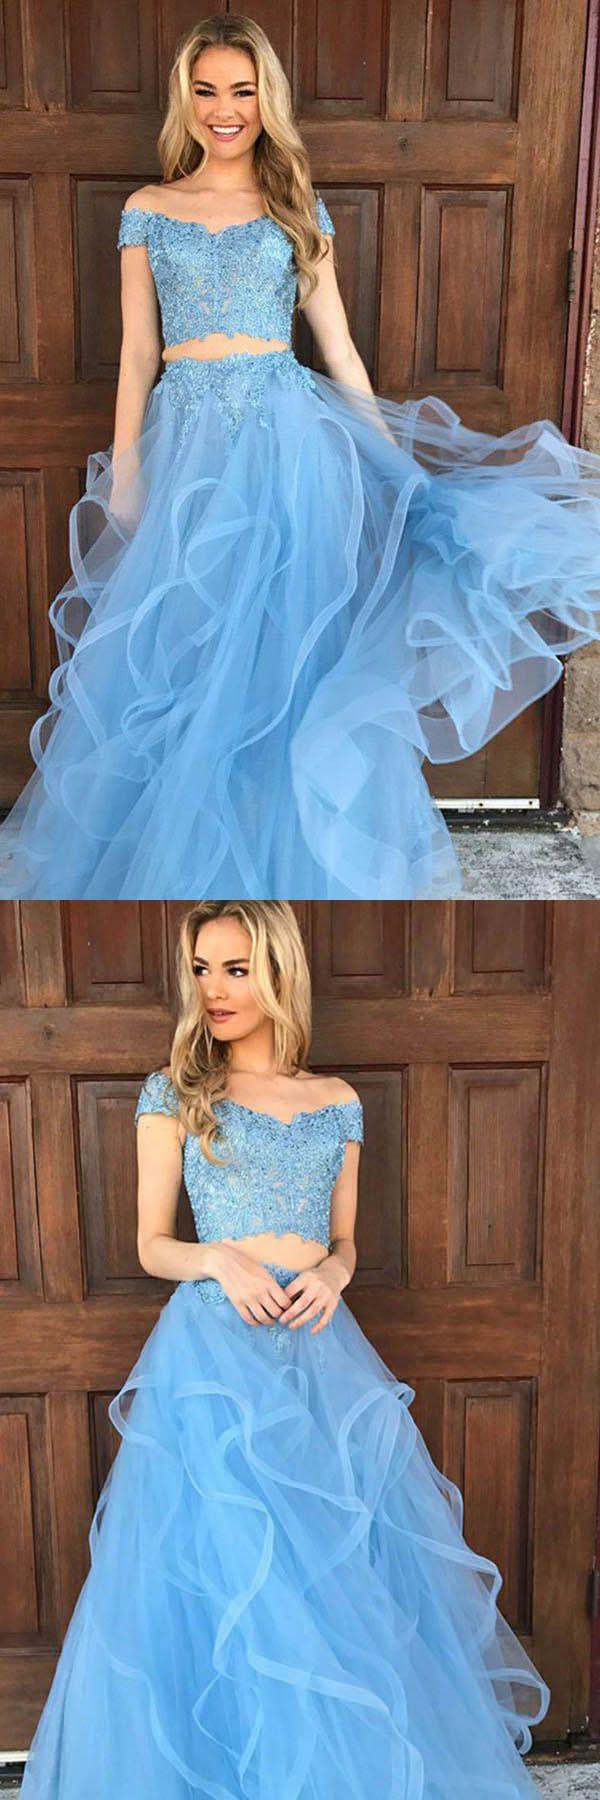 best prom dresses images on pinterest formal dresses formal